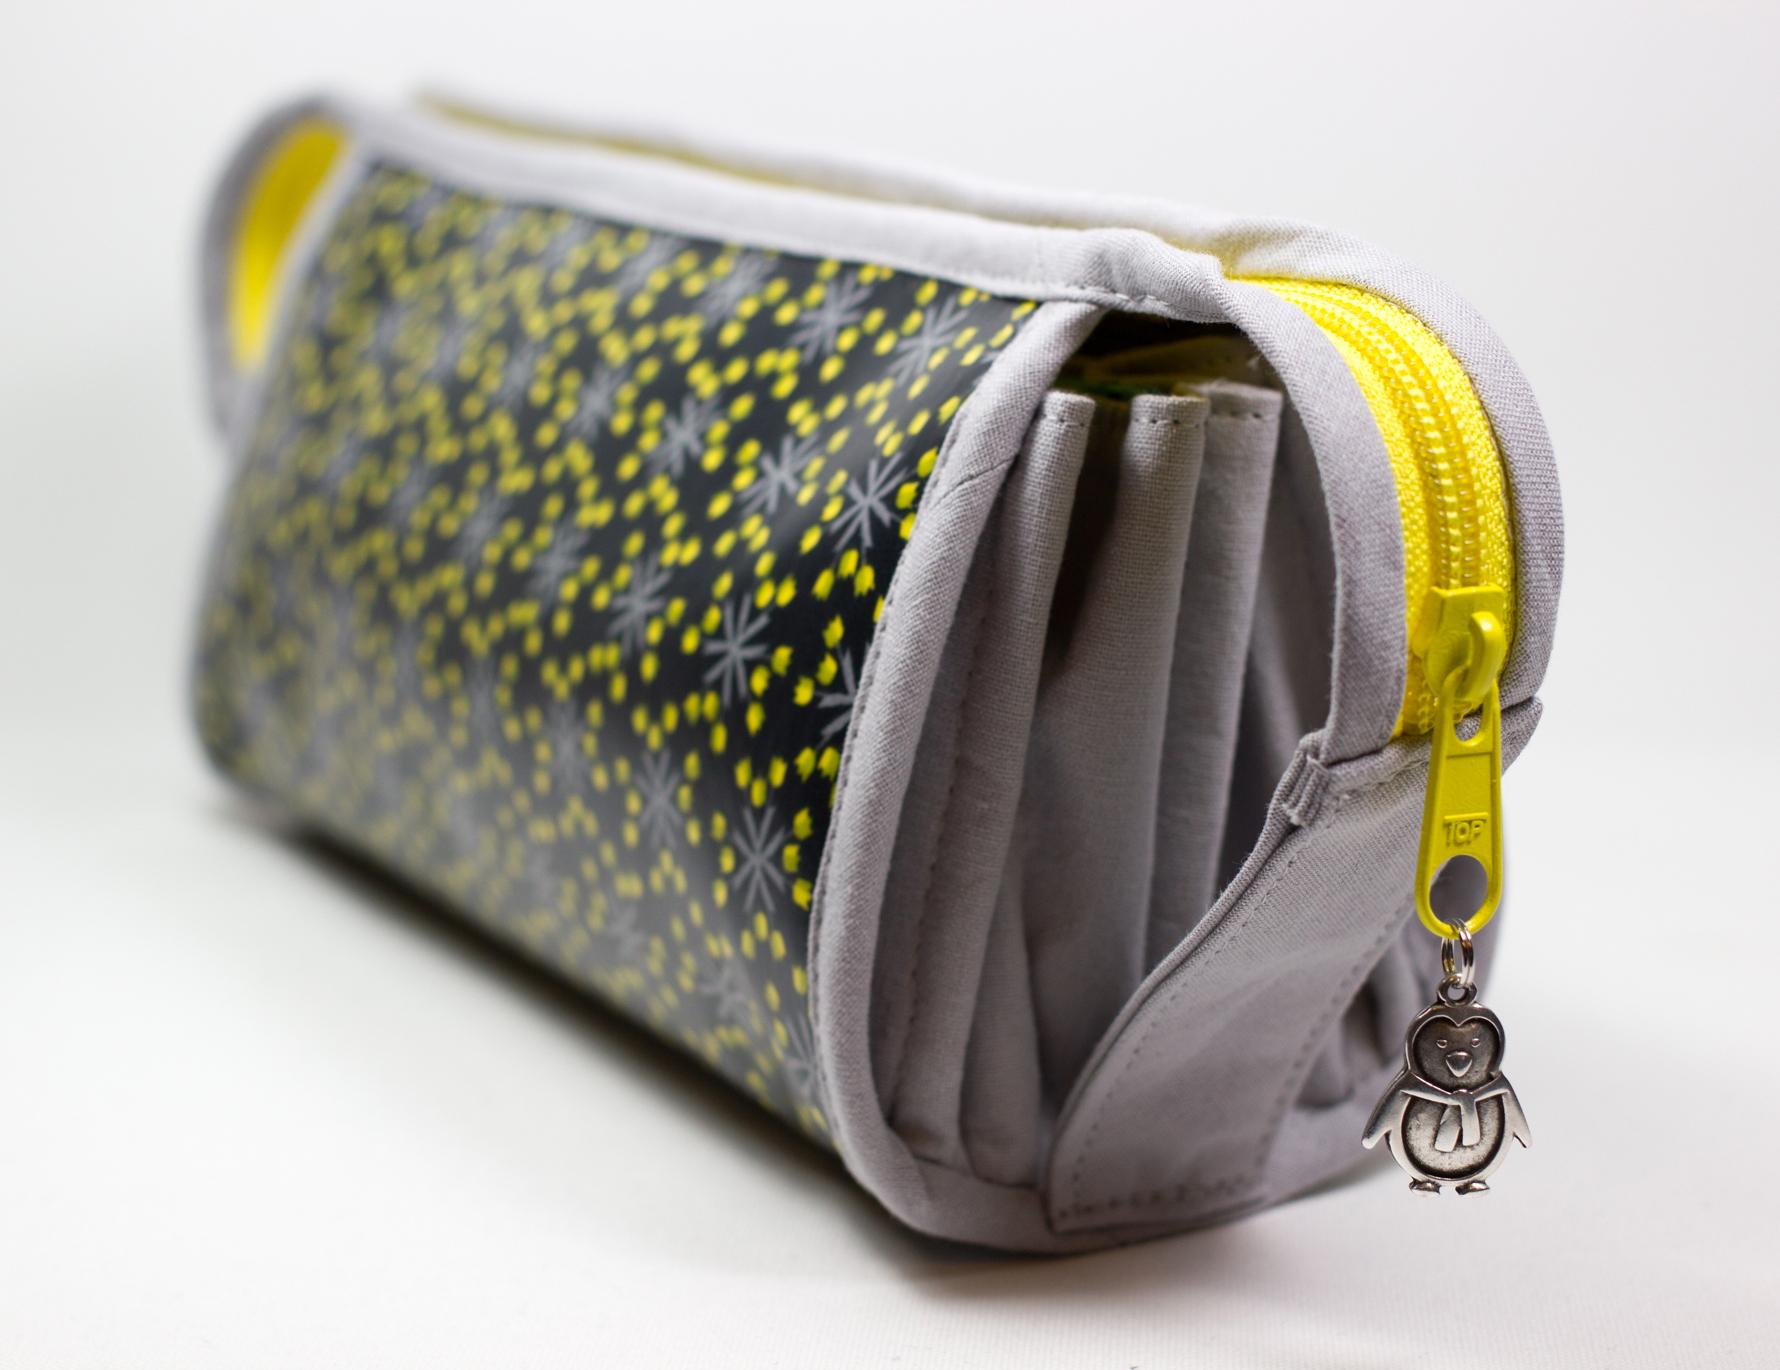 Sew-Together-Bag für die Lieblingsnichte